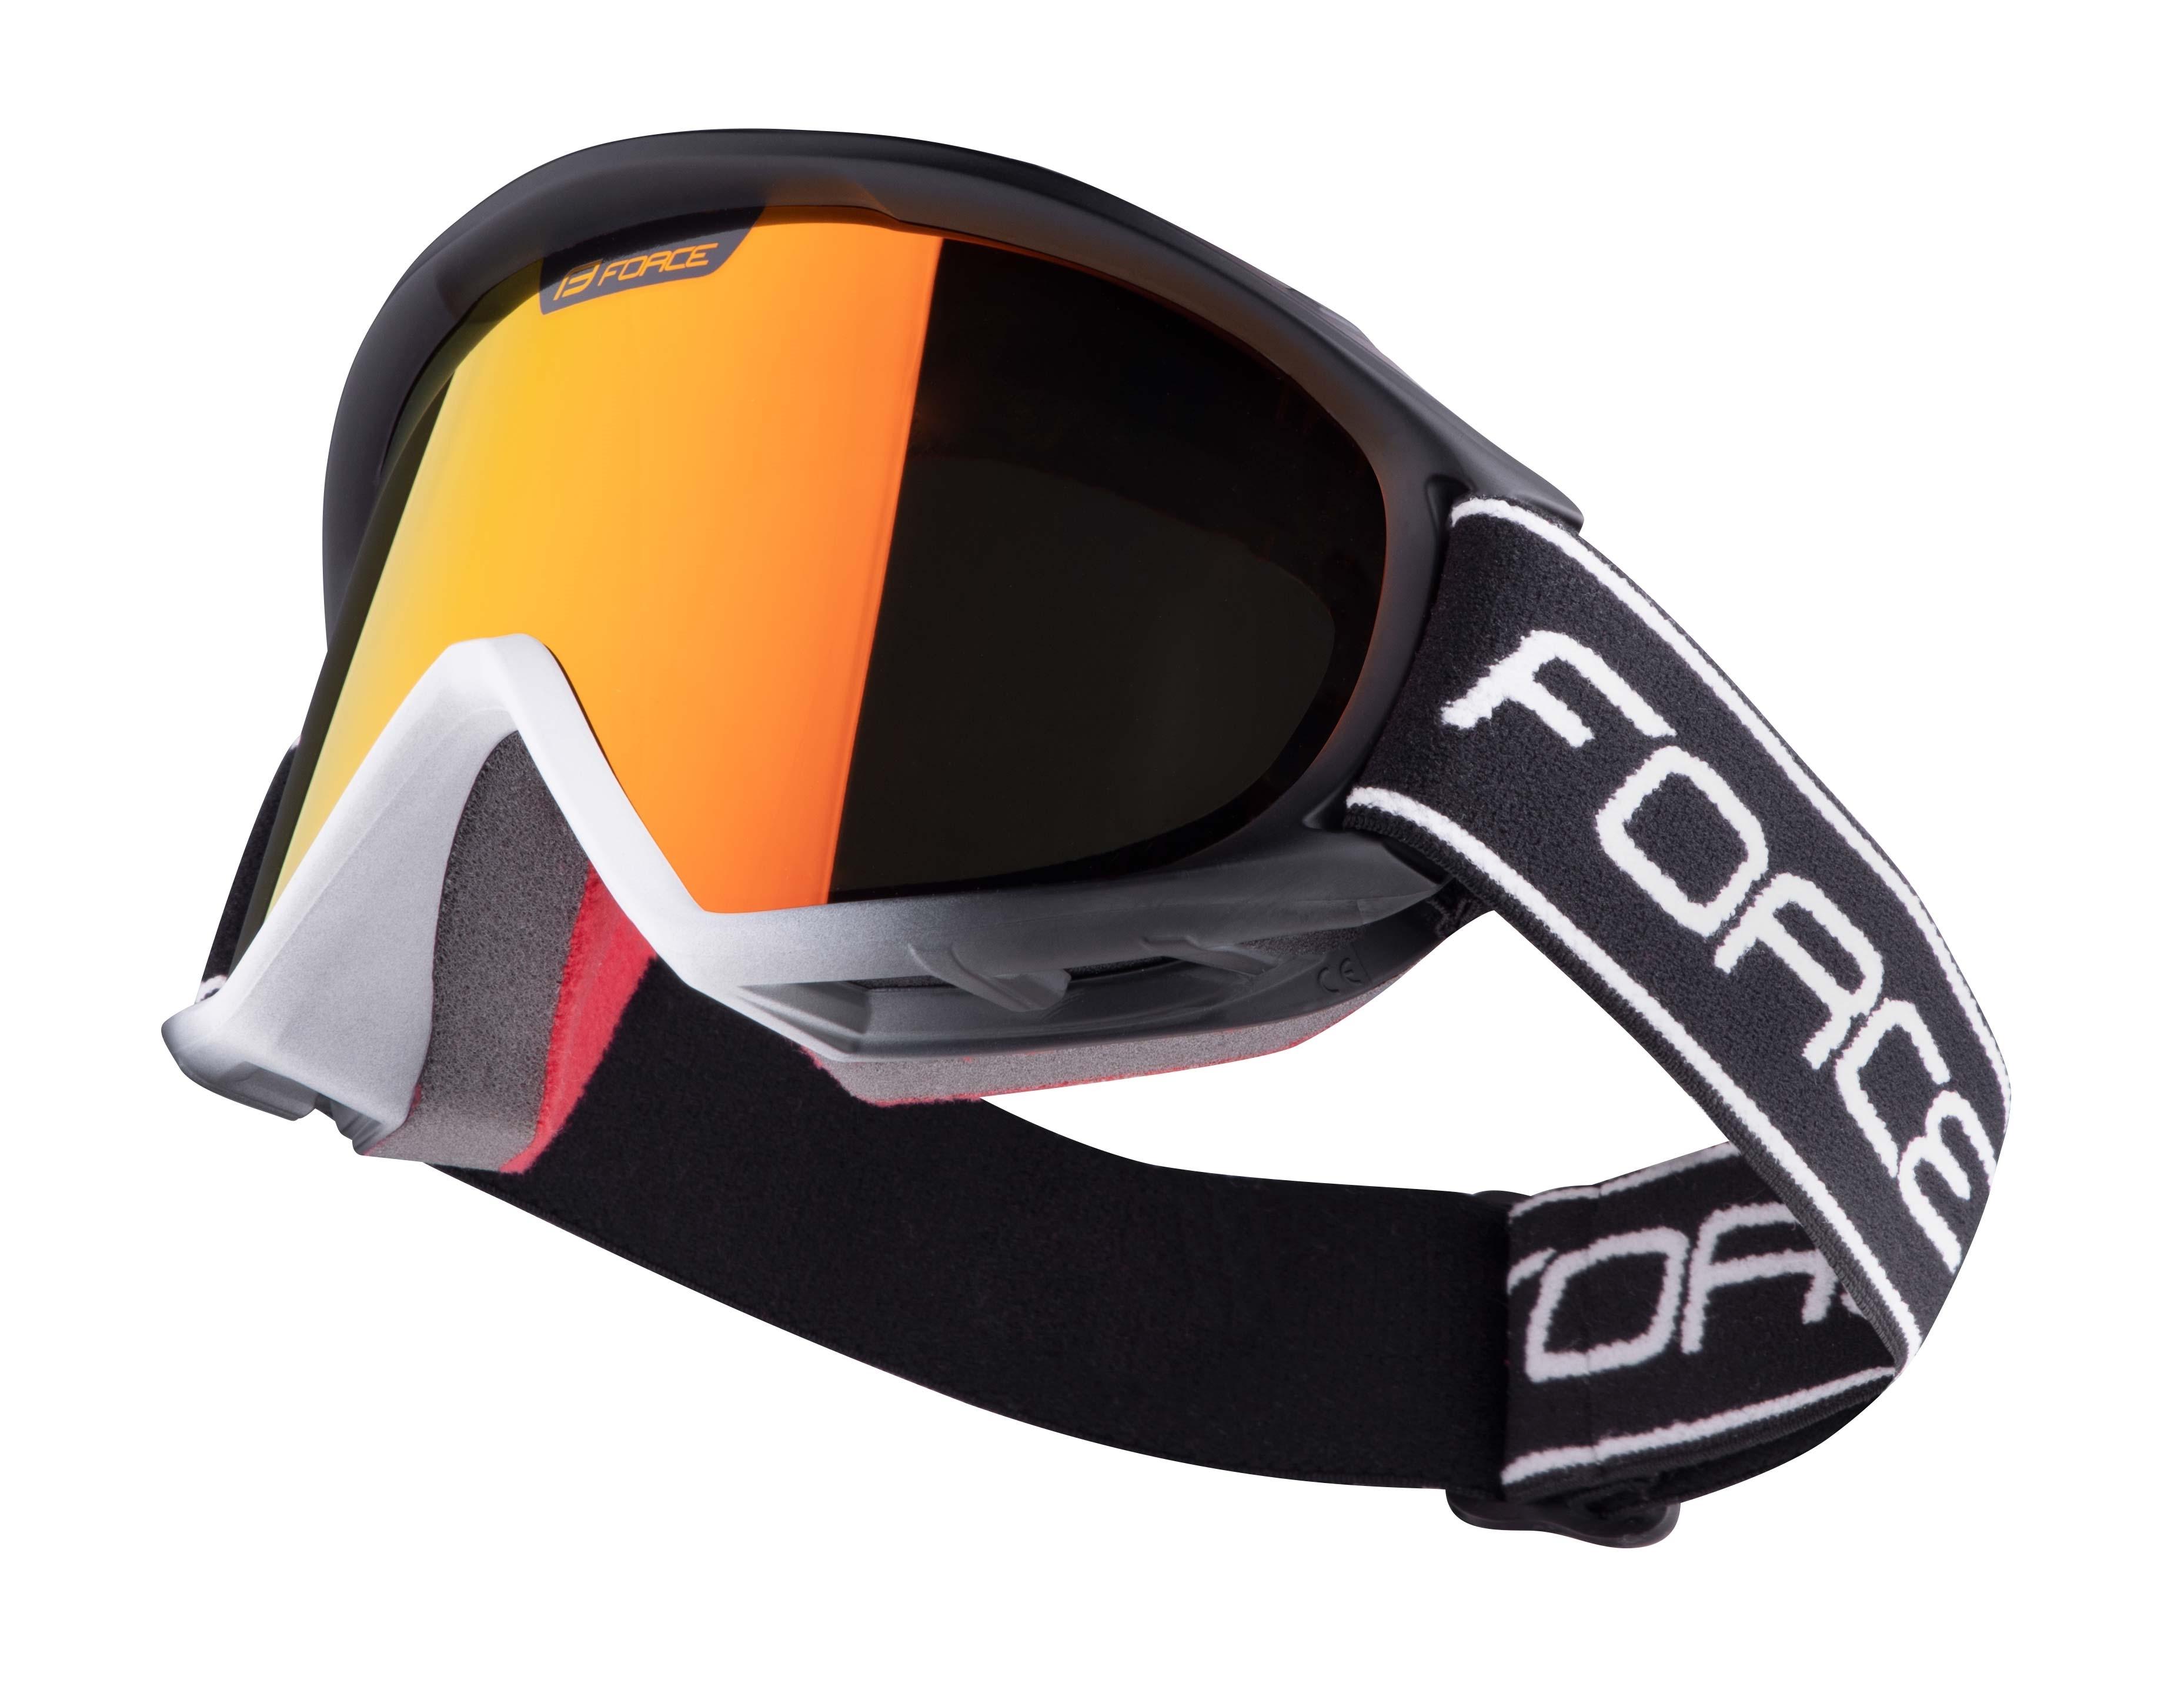 Brýle FORCE SKI SWITCH černé, multilaser sklo Varianta: model: SKI, skla: polykarbonátová, určení: lyžařské, Řada: Red line